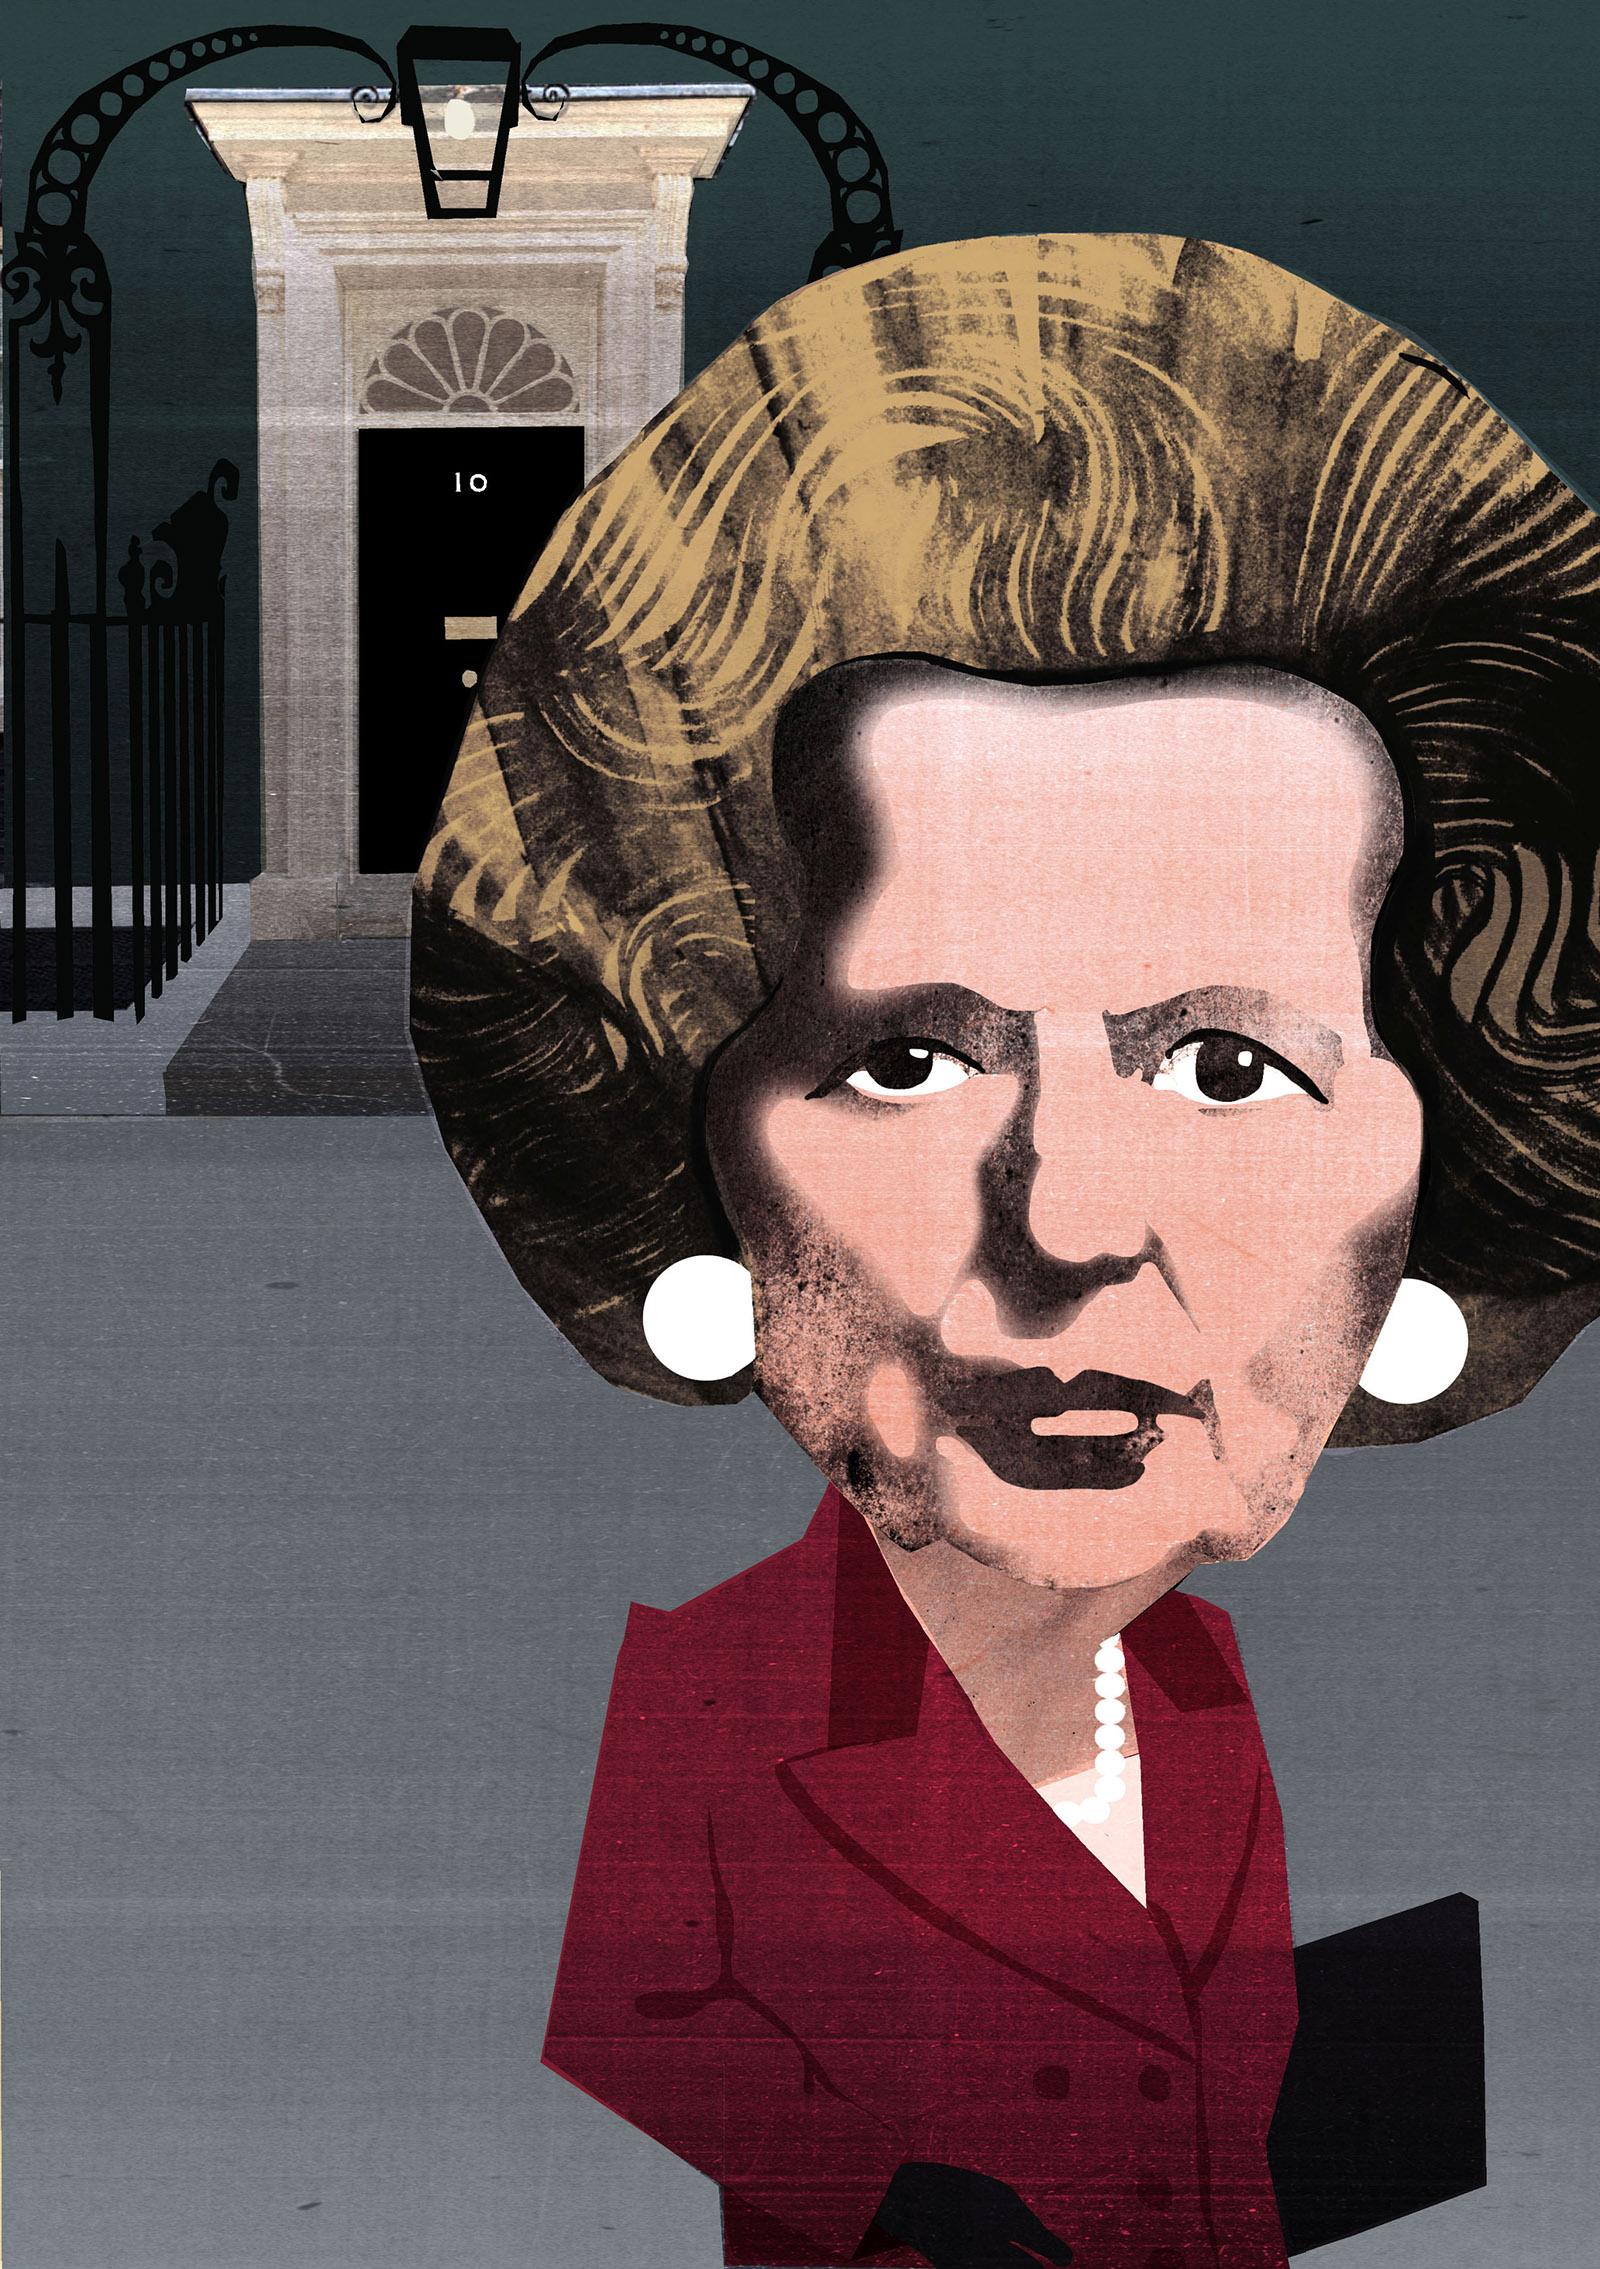 Margaret Thatcher by Ellie Foreman-Peck